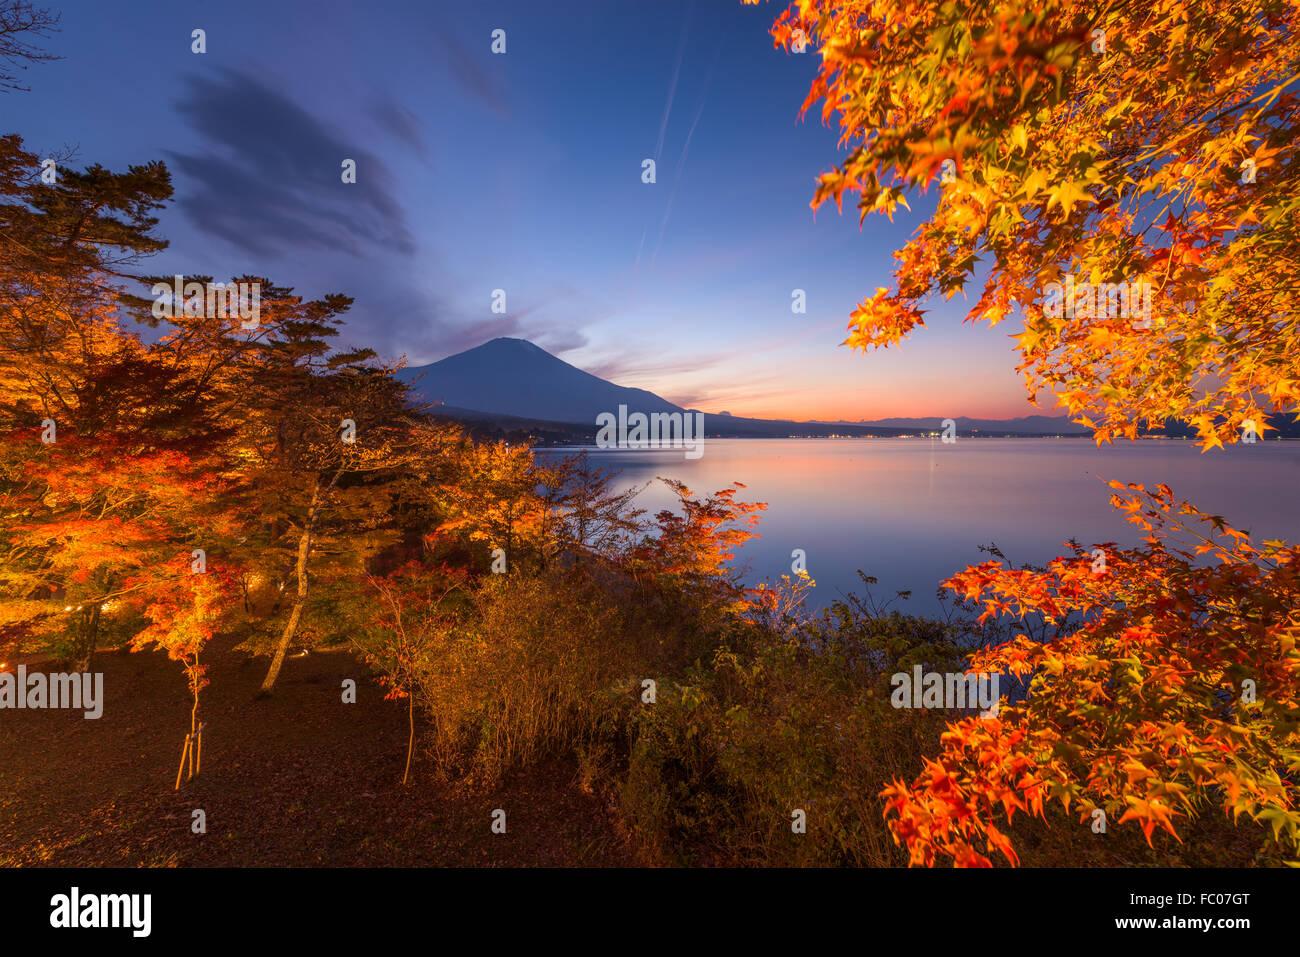 Mt. Fuji, Japón durante el otoño desde la orilla del lago Yamanaka. Imagen De Stock